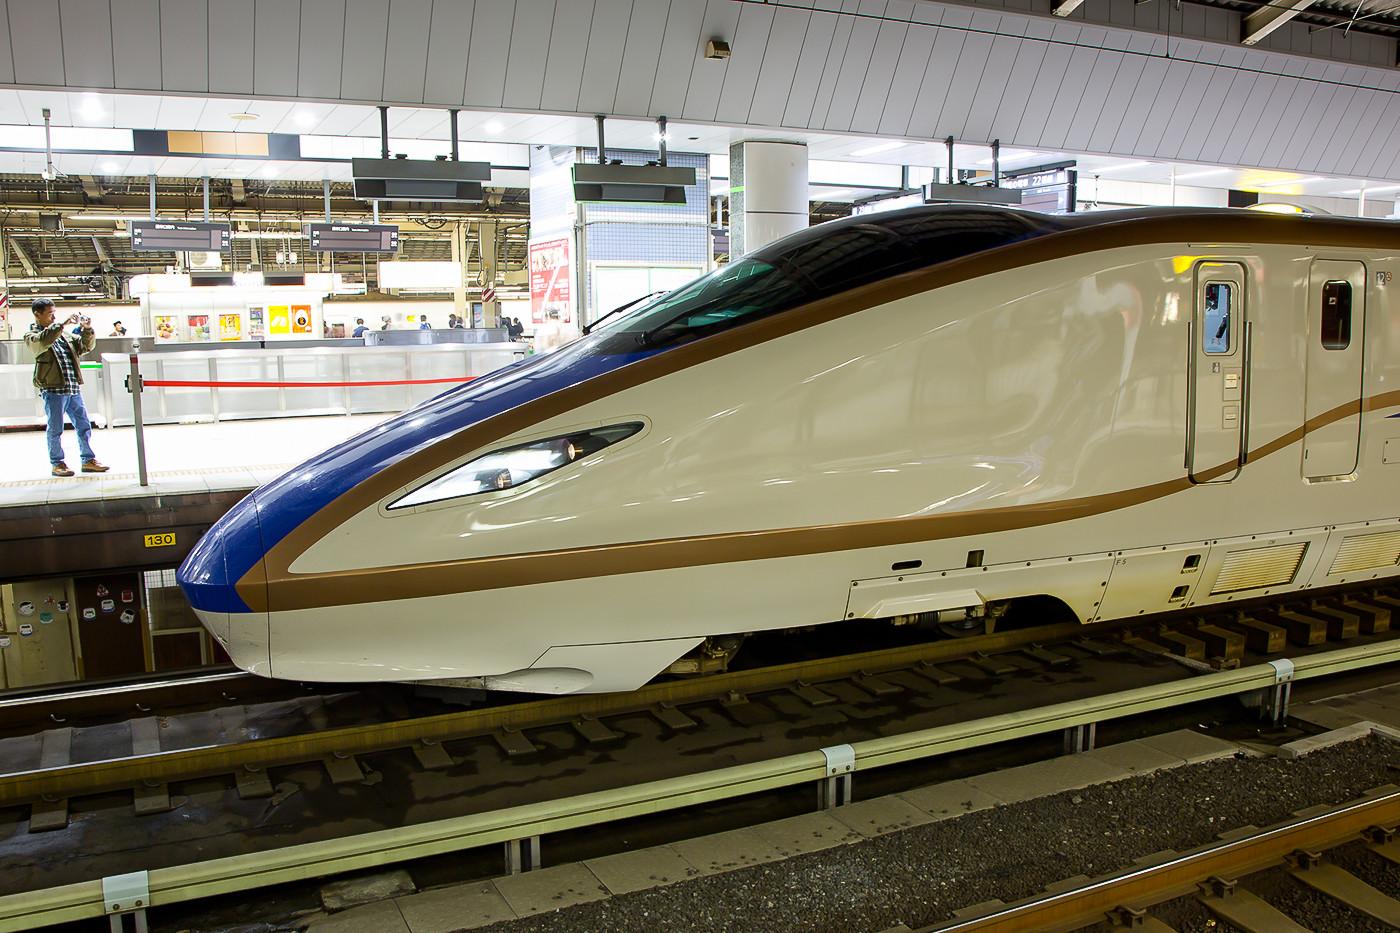 Der neueste Zugtyp der JR East ist der E7, er fährt auf der Strecke Tokyo - Nagano, welche im März 2015 nach Kanazawa verlängert wird.